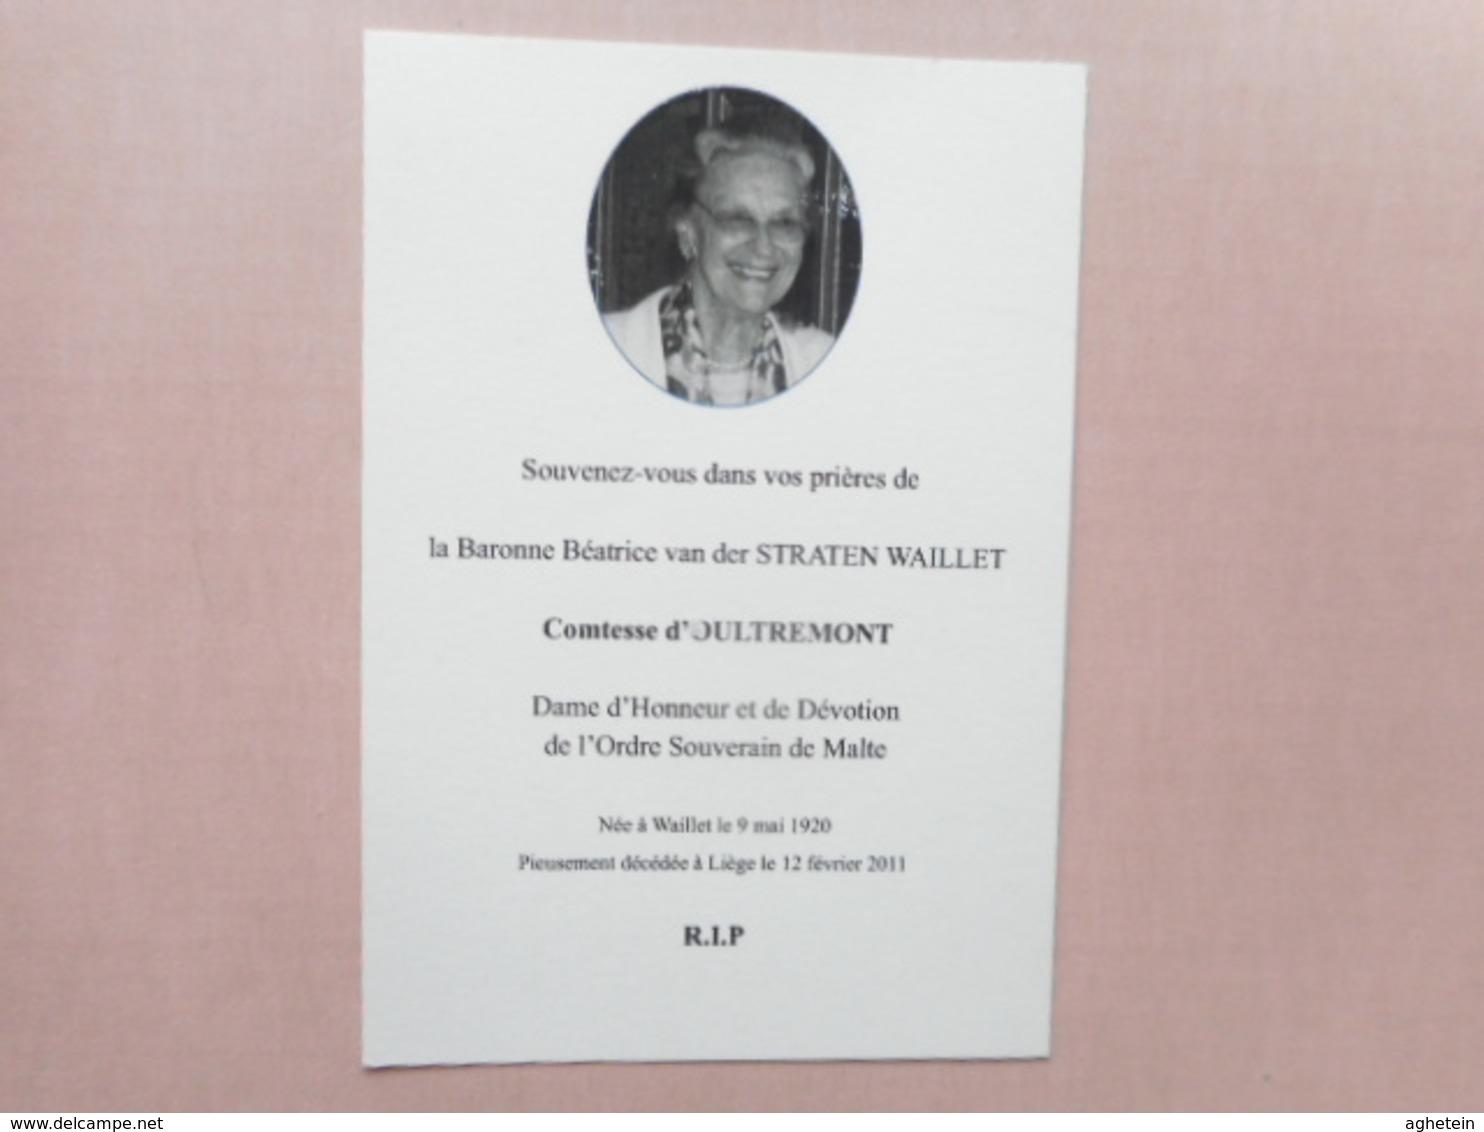 D.P.-ADEL LA BARONNE BEATRICE Van Der STRATEN WAILLET COMTESSE D'OULTREMONT °WAILLET 9-5-1920+LIEGE 12-2-2011 - Religion & Esotericism